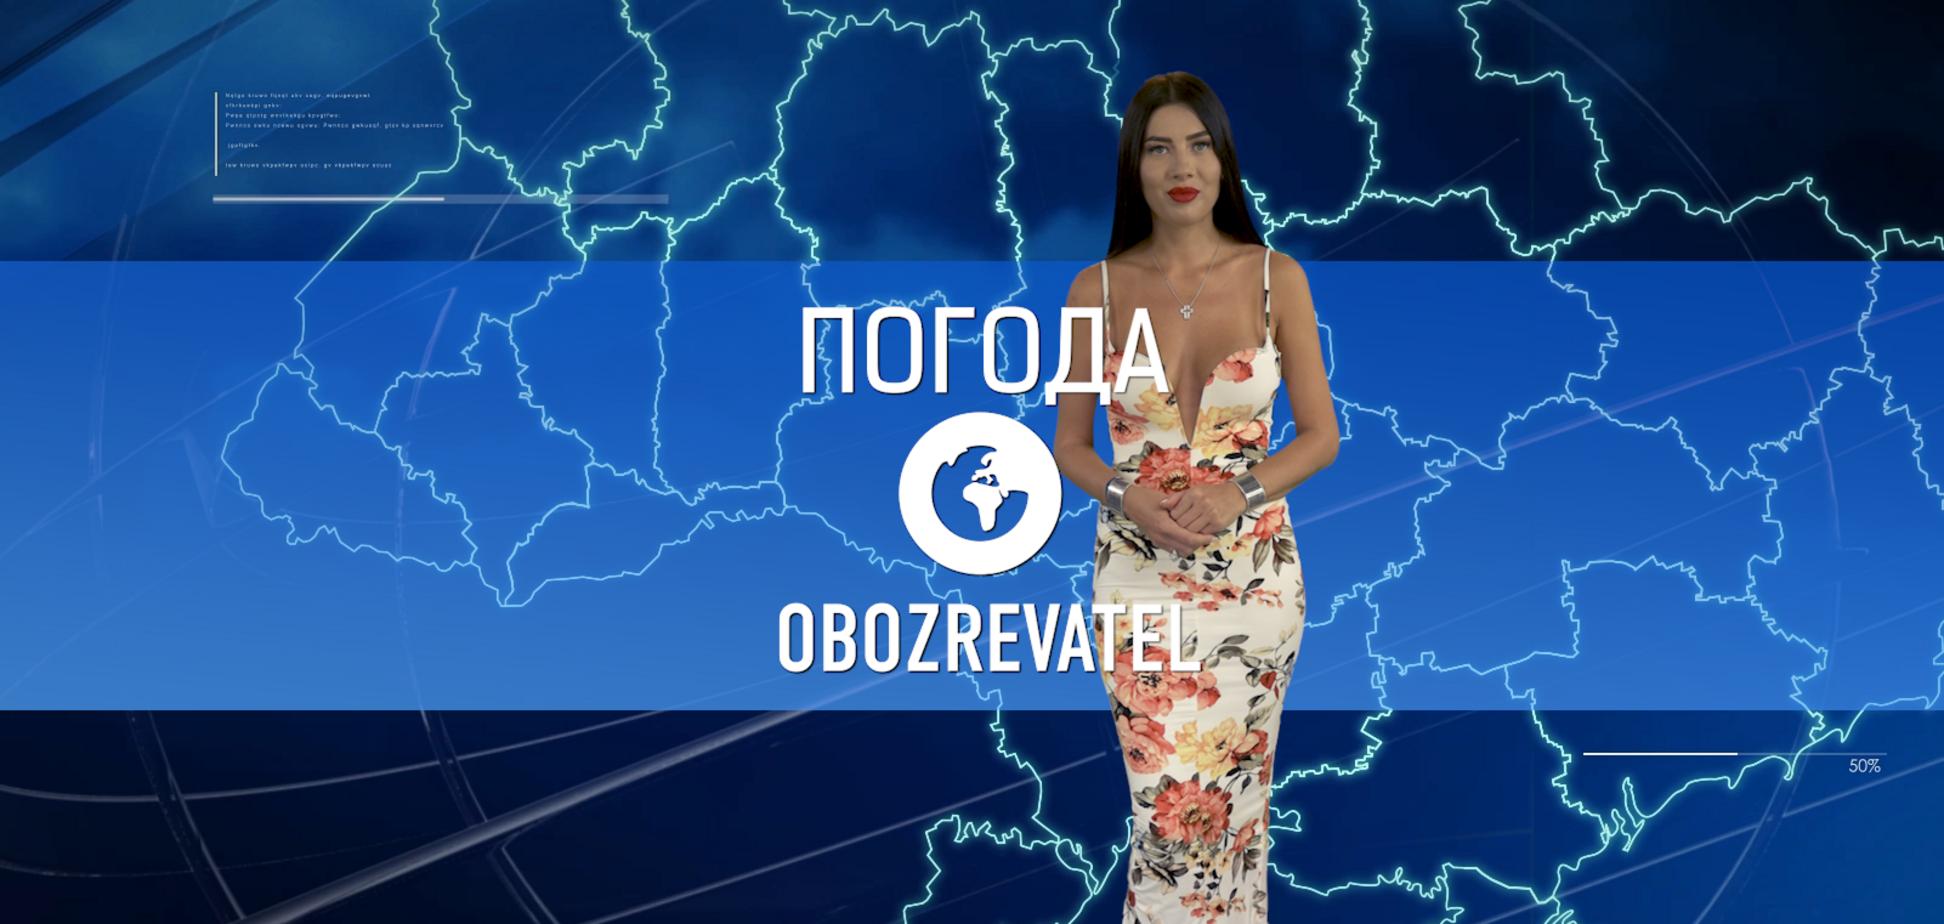 Прогноз погоди в Україні на неділю, 24 жовтня, з Алісою Мярковською